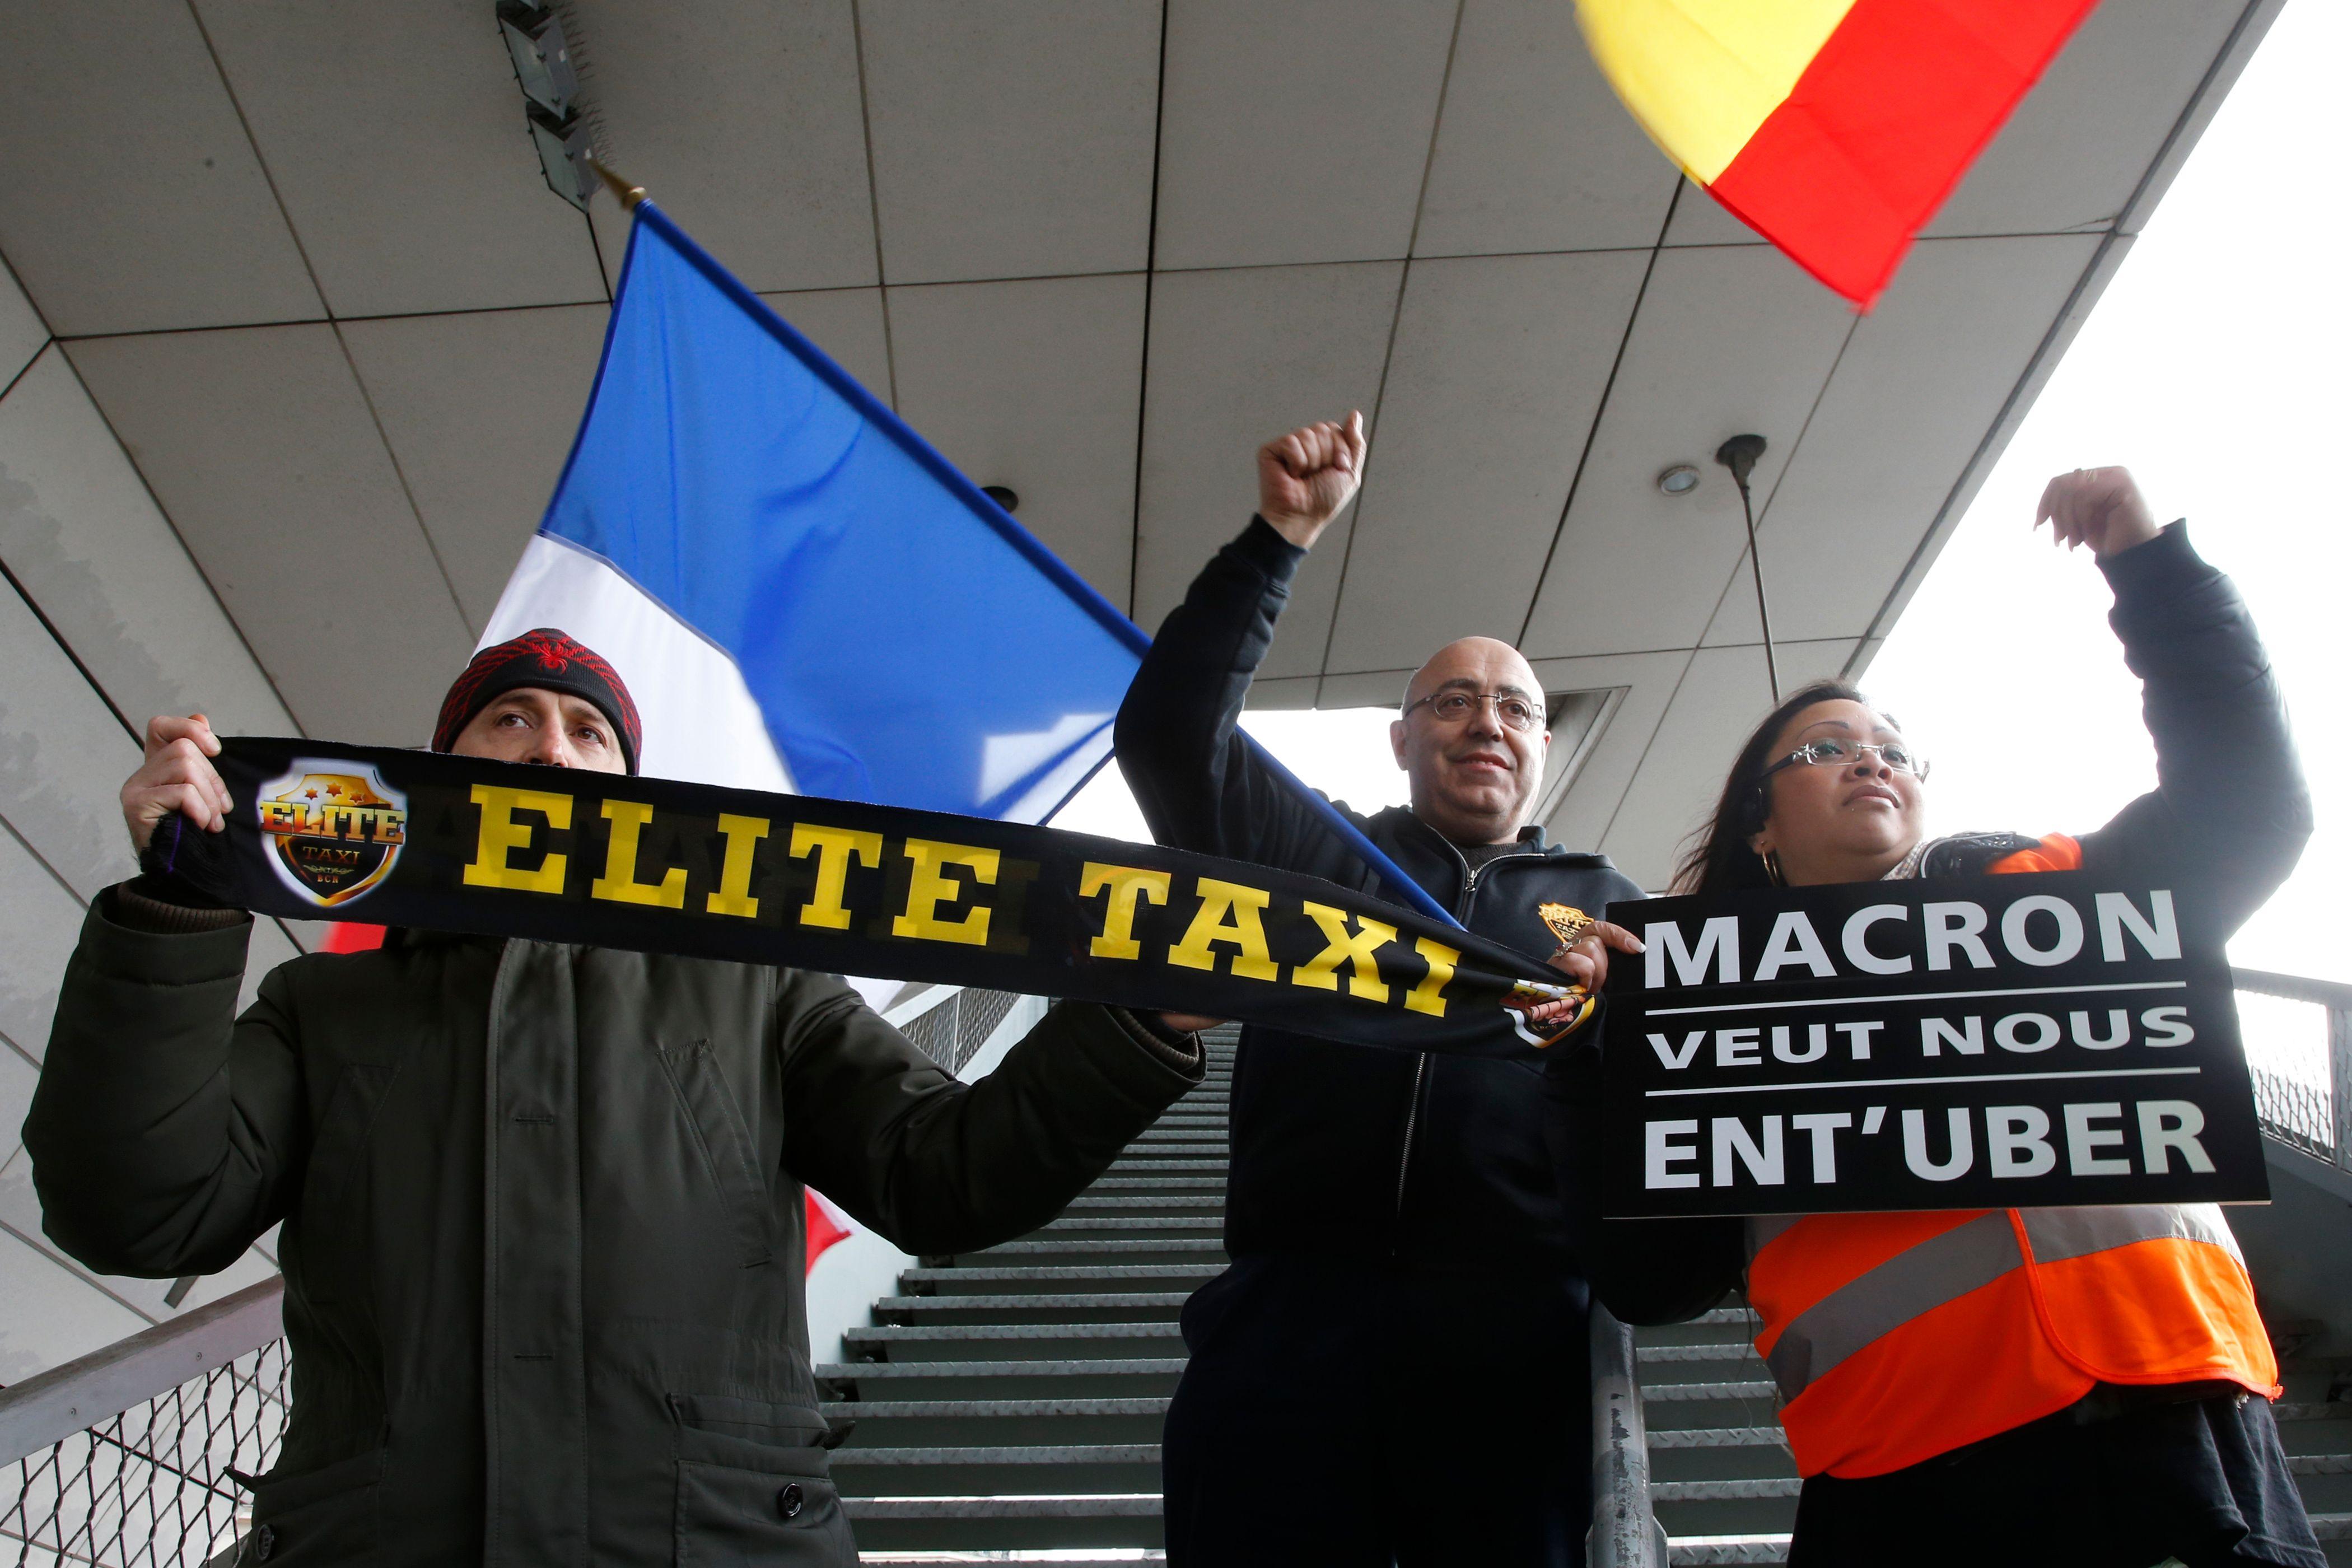 Grève des taxis : vers une levée des barrages, réunion prévue le 2 février avec le médiateur